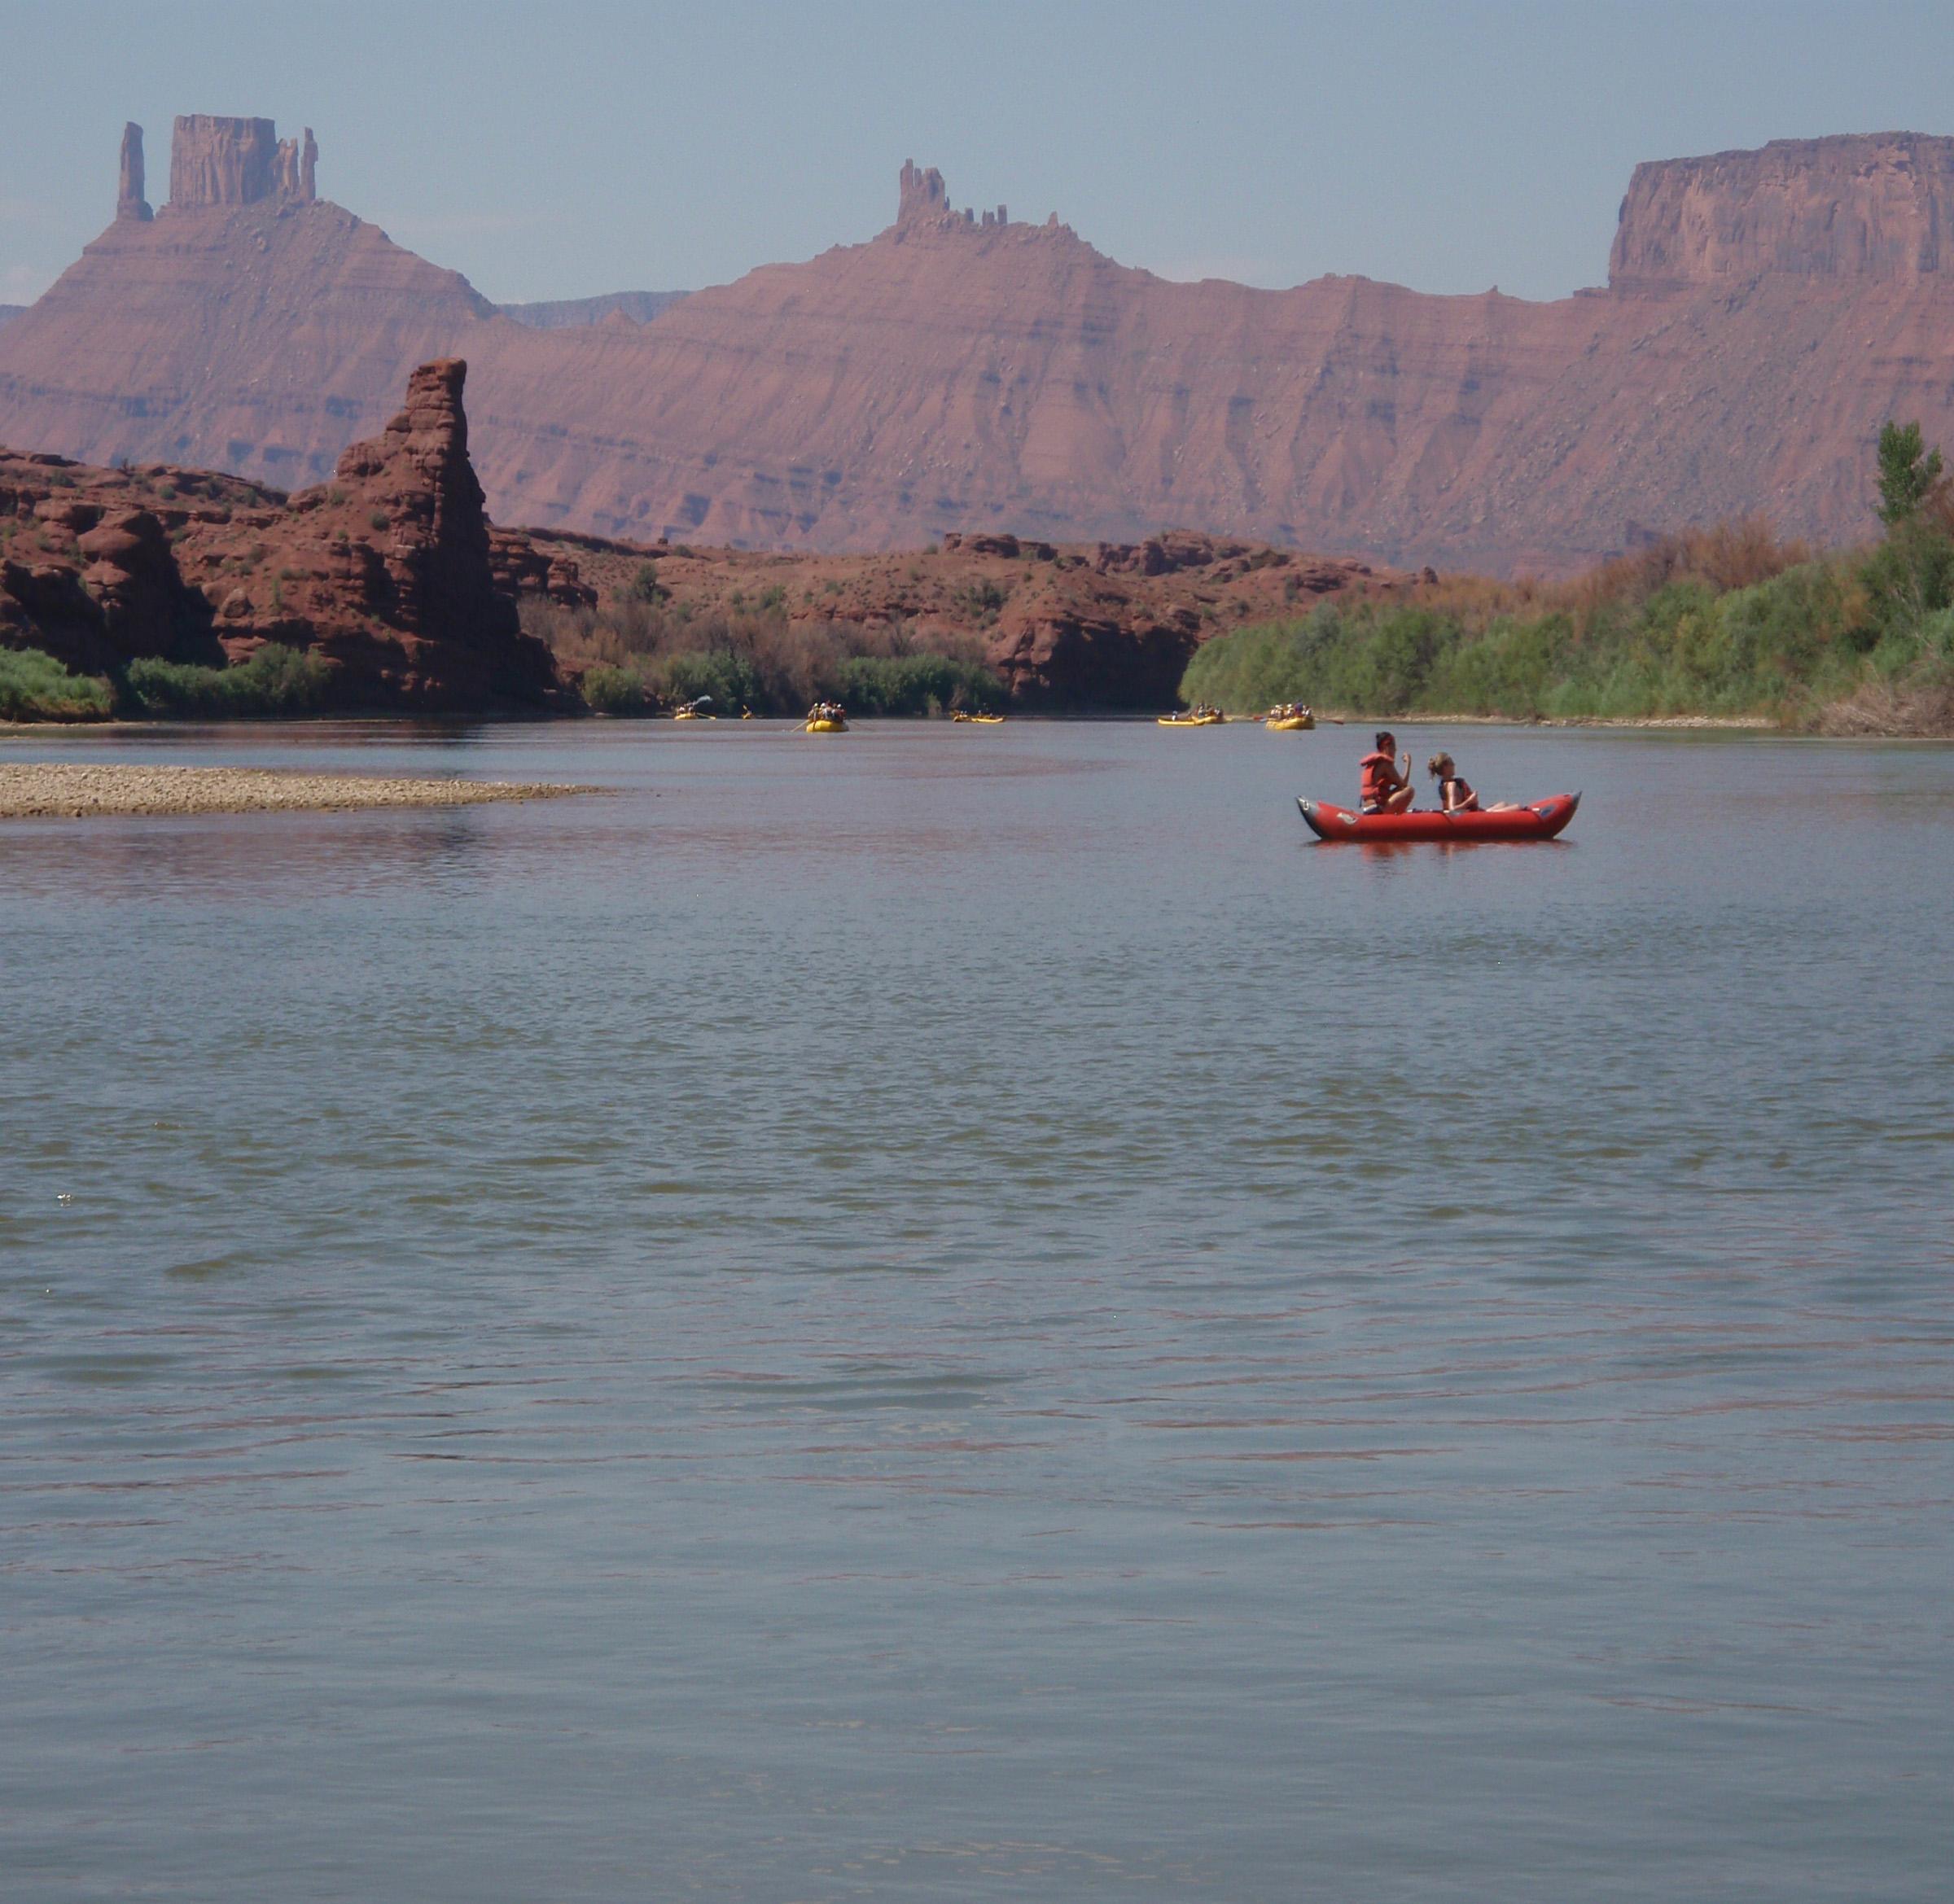 The Daily run, Colorado River.